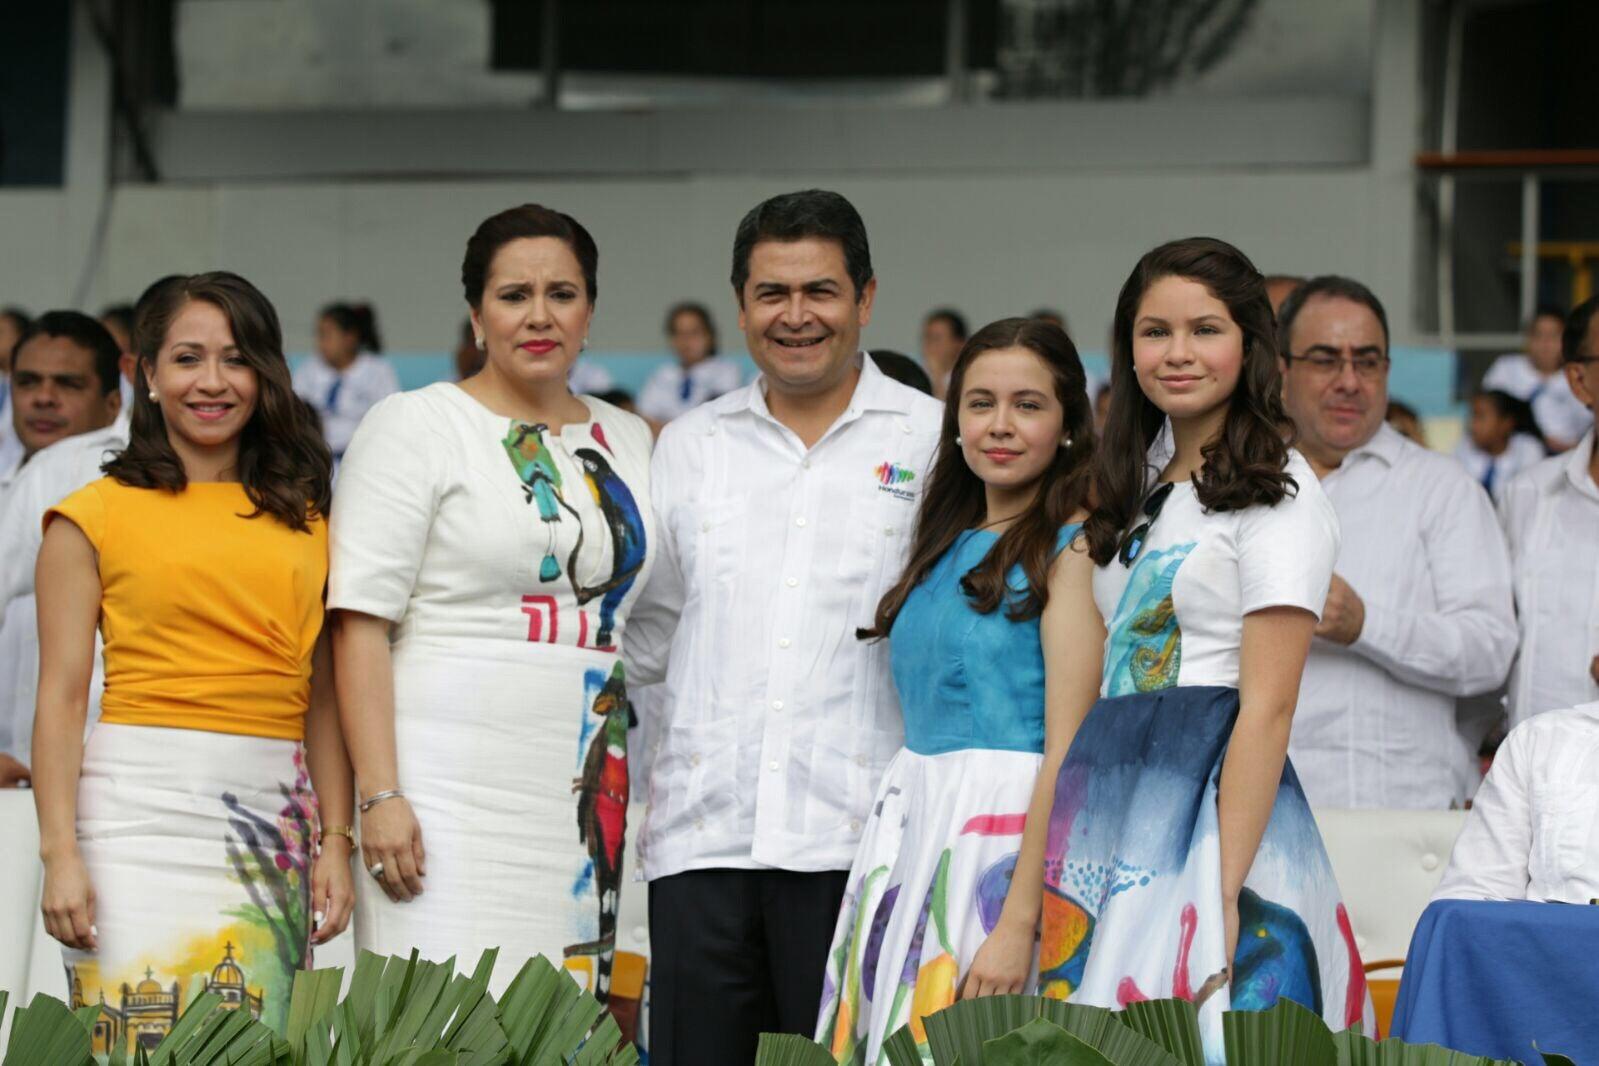 Primera dama junto a sus hijas lucen traje típico diseñado a mano